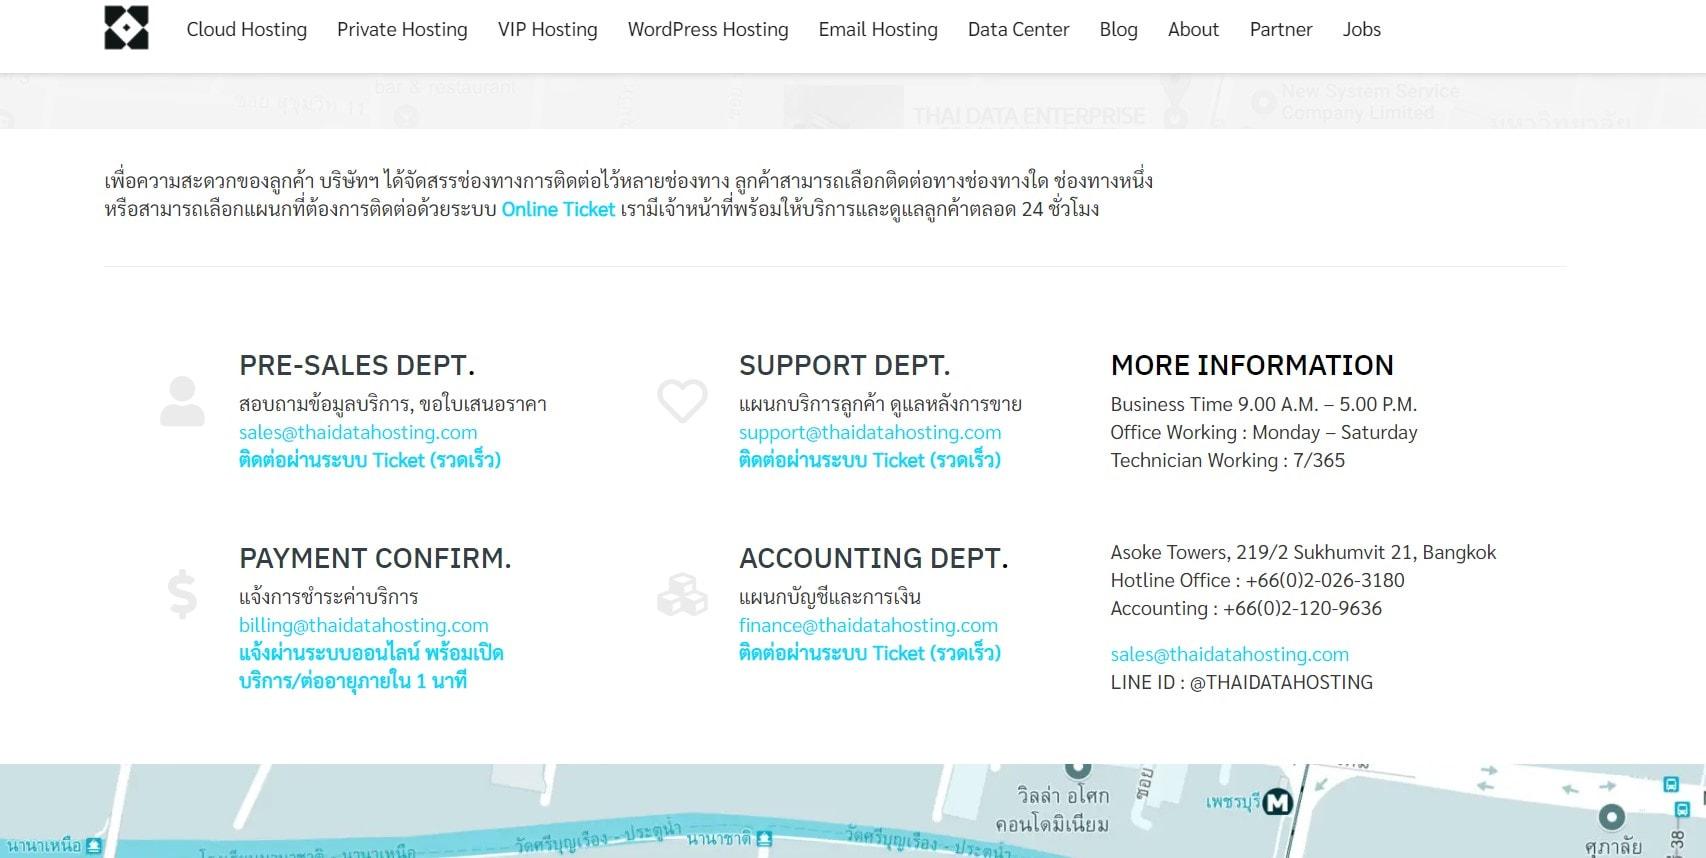 บริการให้ความช่วยเหลือของโฮสติ้ง THAI DATA HOSTING